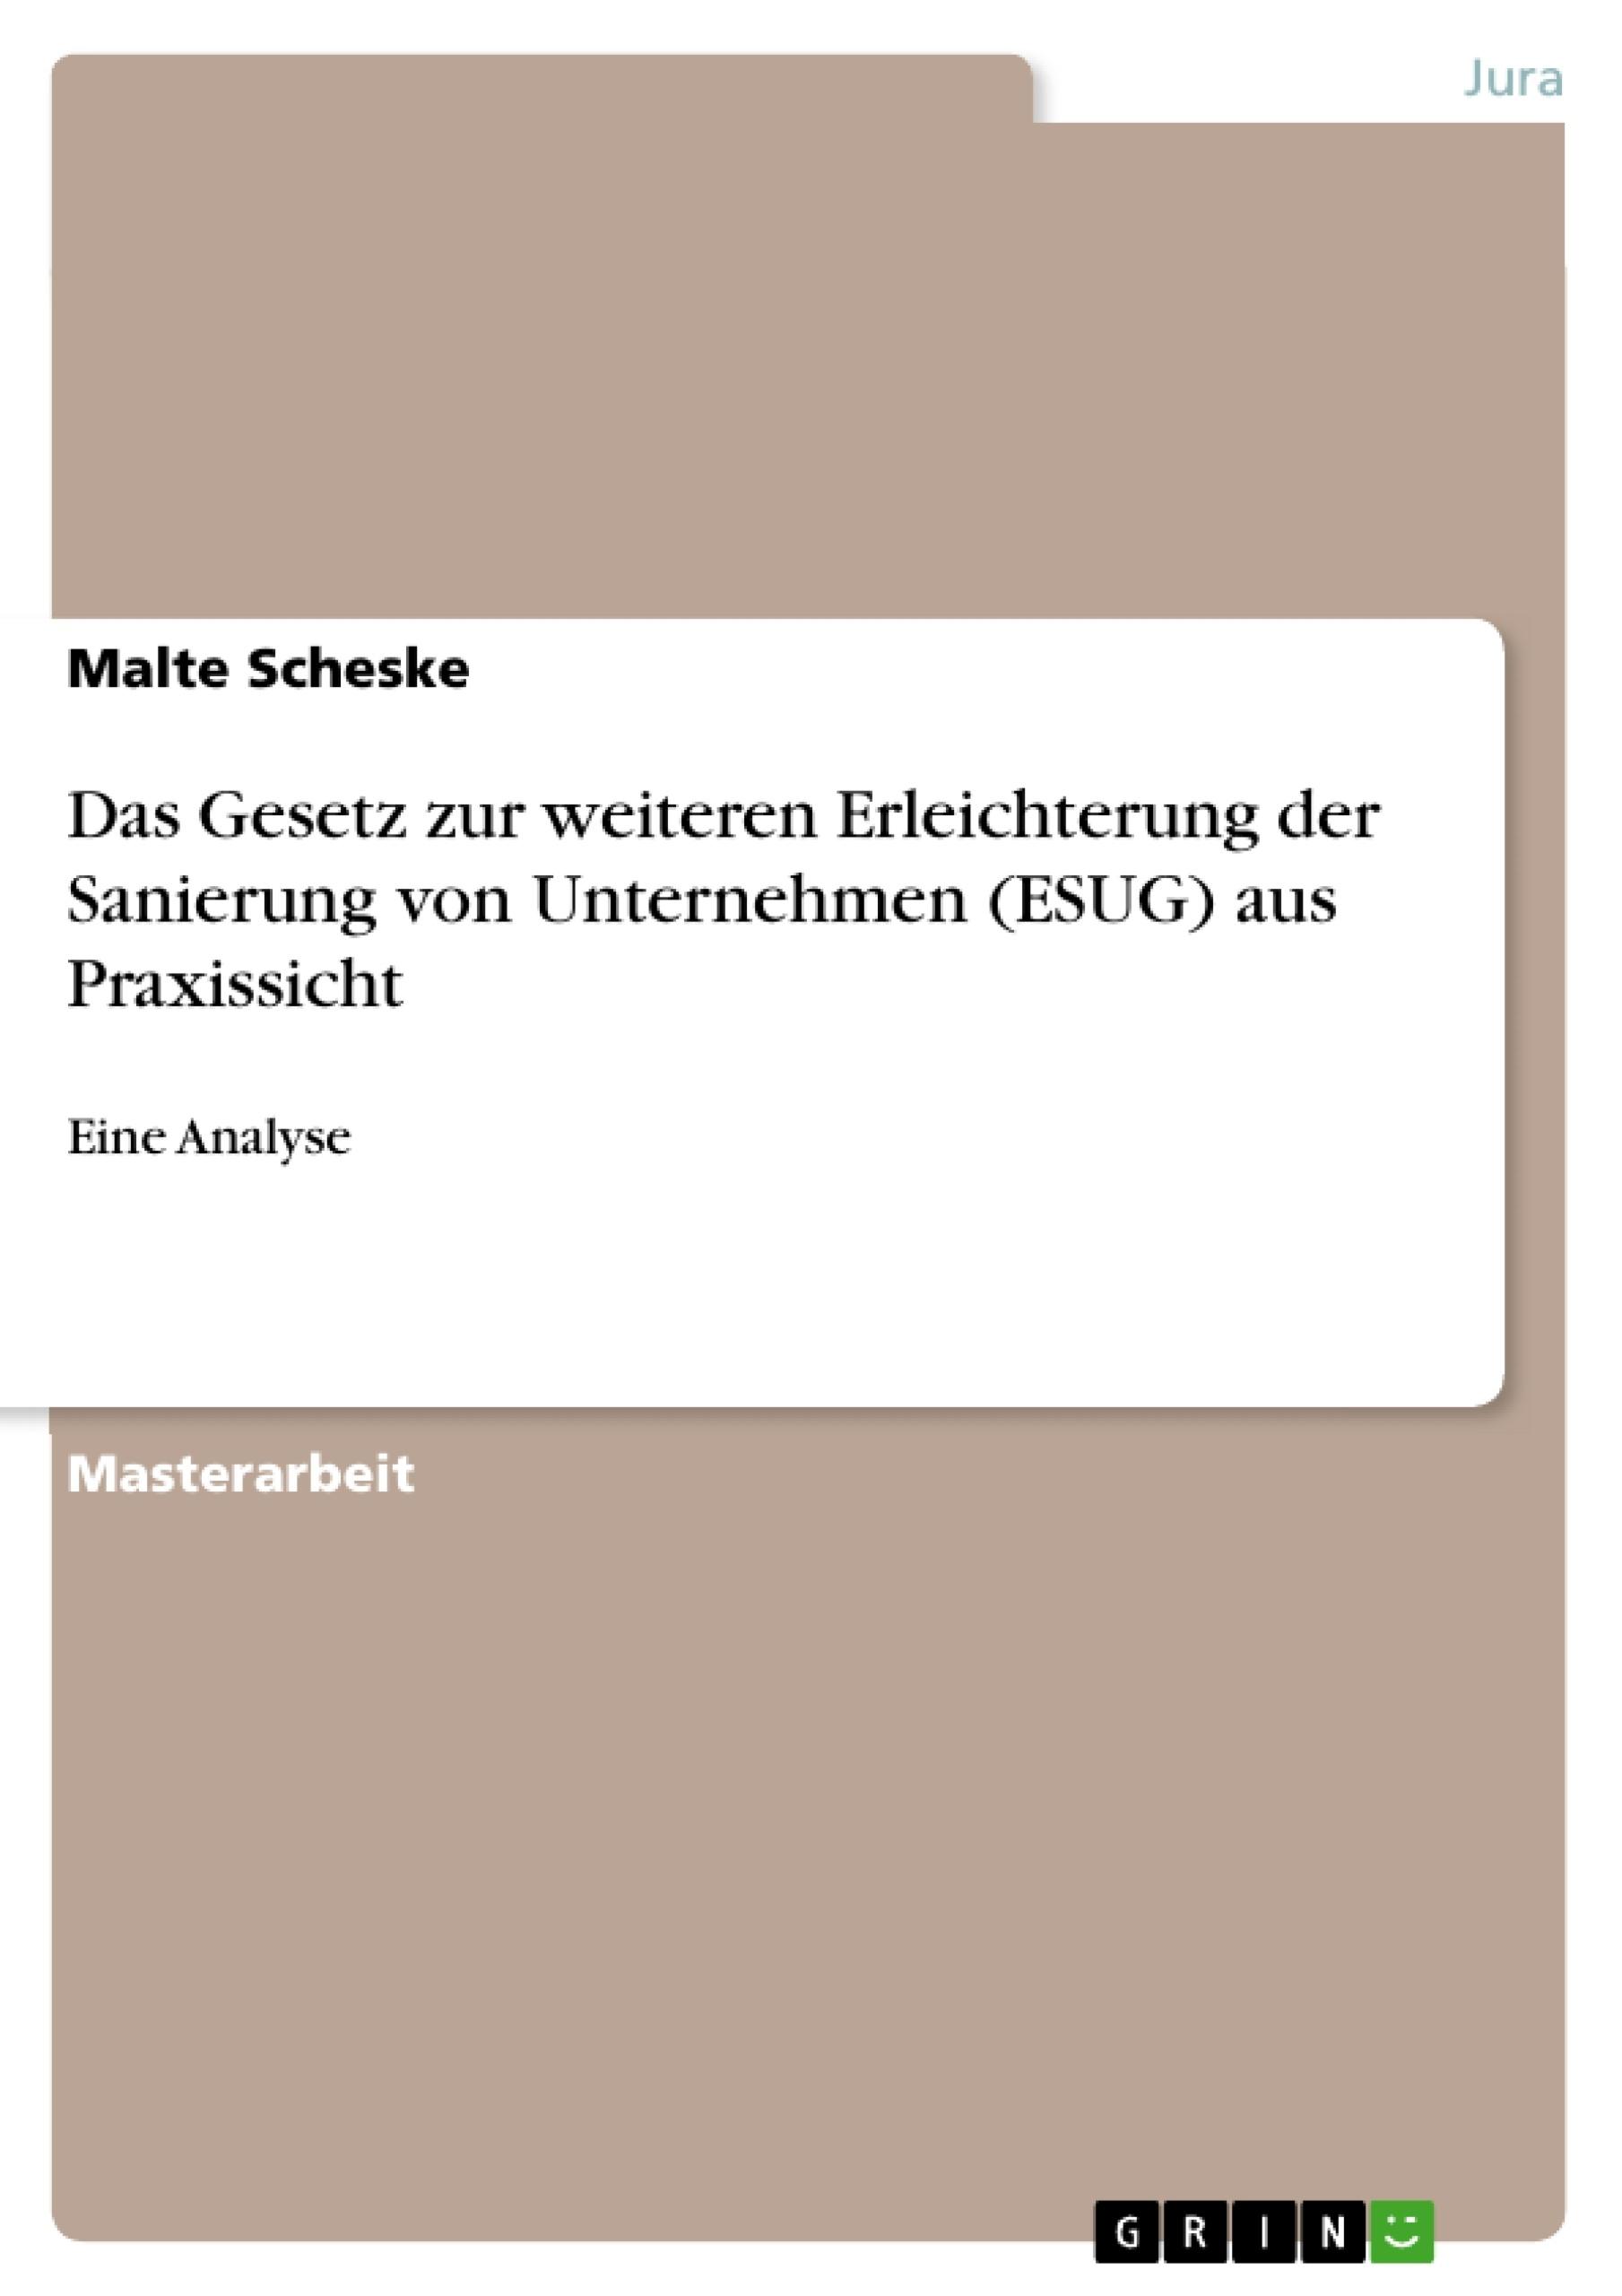 Titel: Das Gesetz zur weiteren Erleichterung der Sanierung von Unternehmen (ESUG) aus Praxissicht